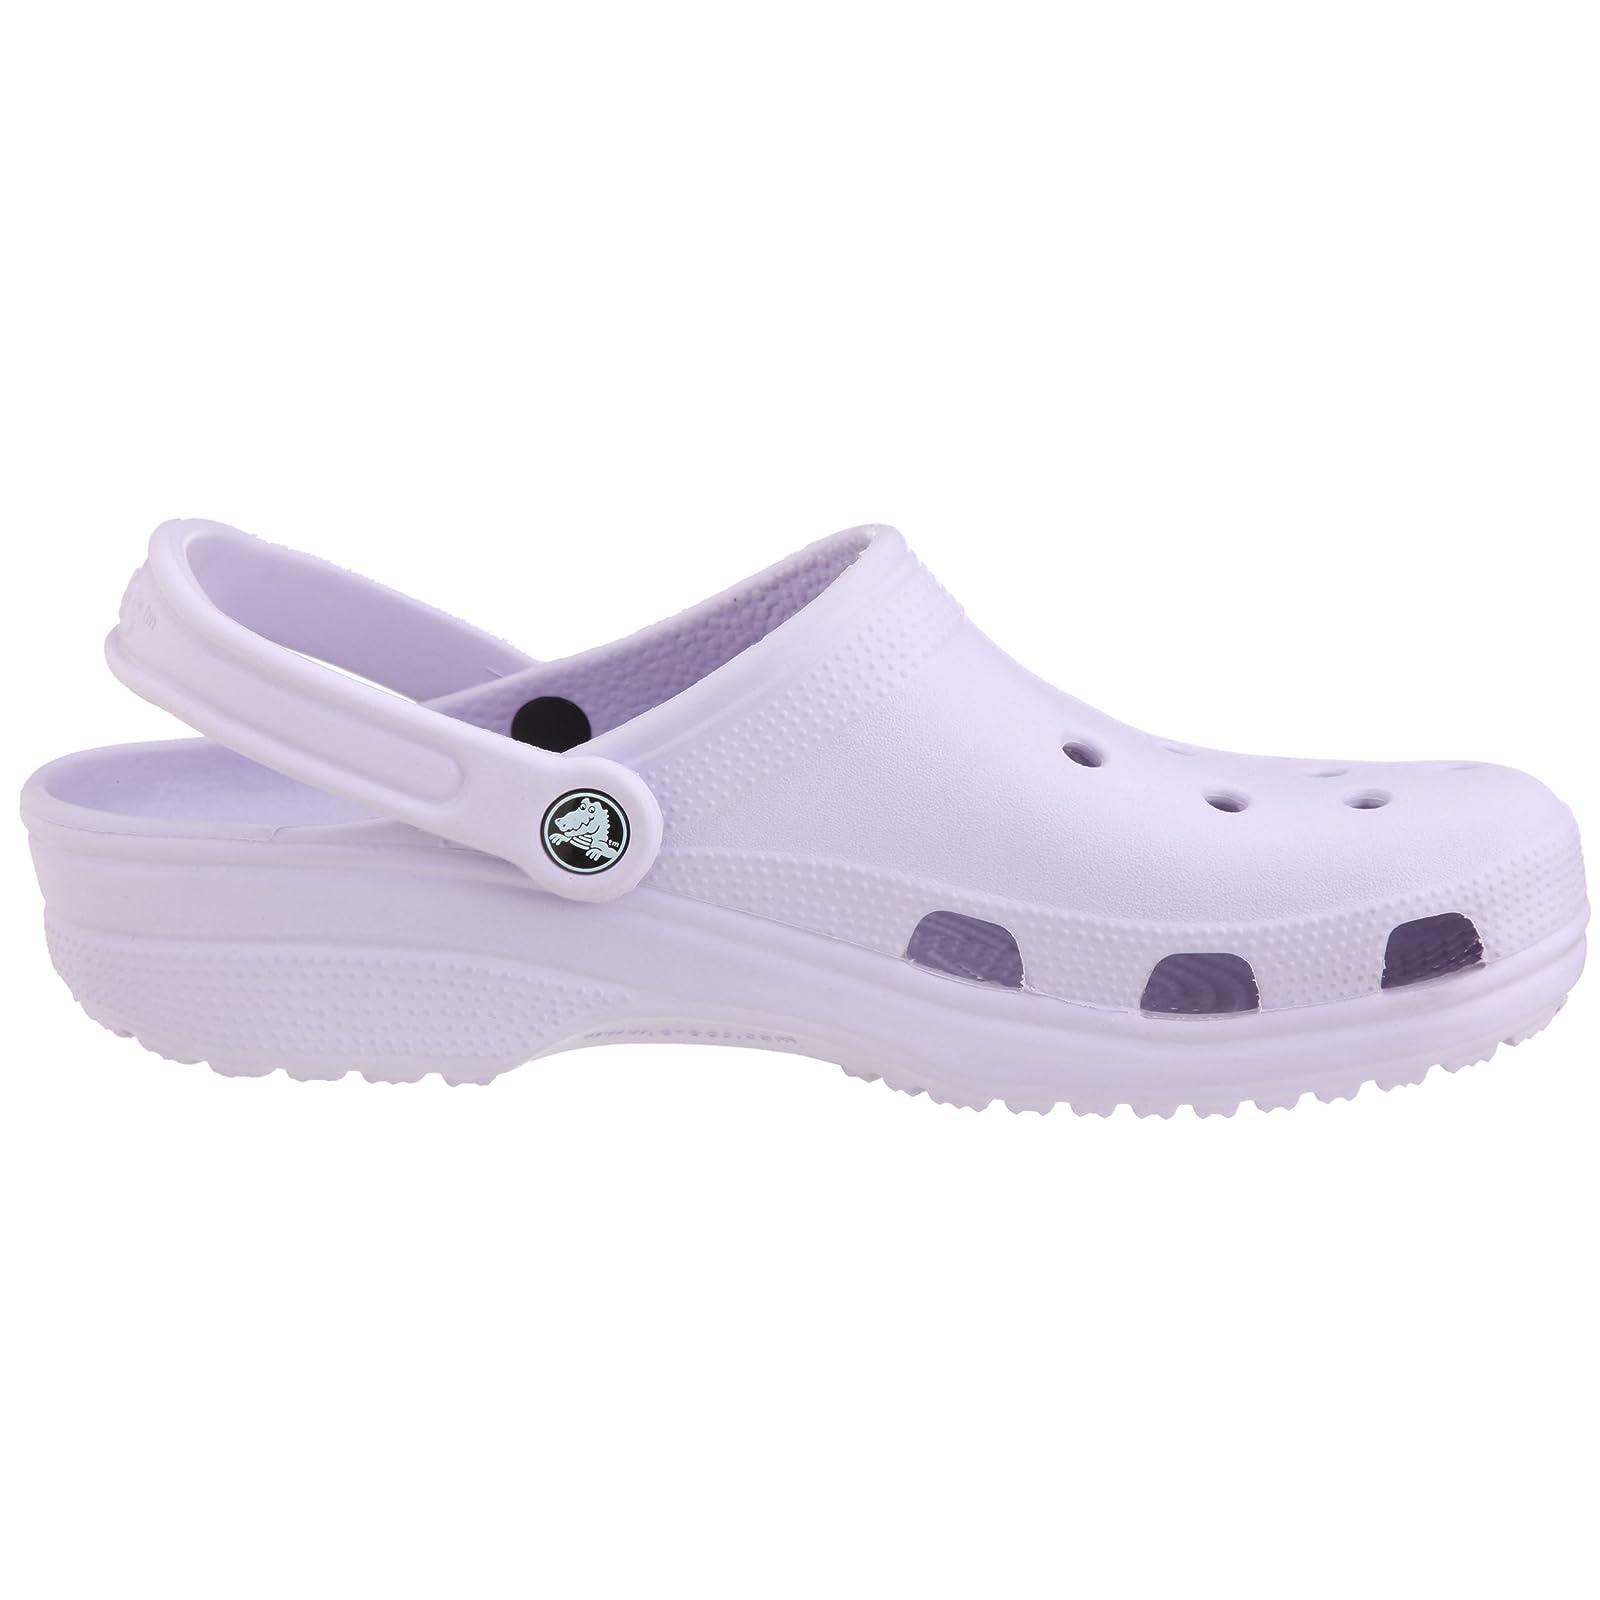 Crocs Men's and Women's Classic - 16